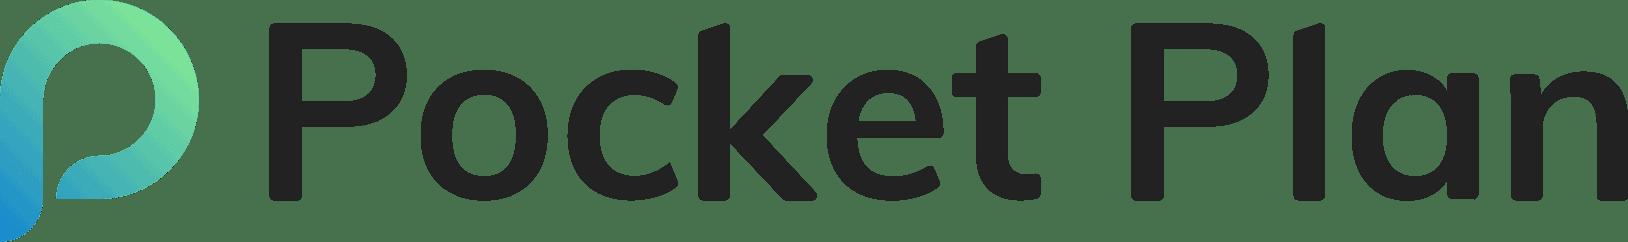 pocket plan logo